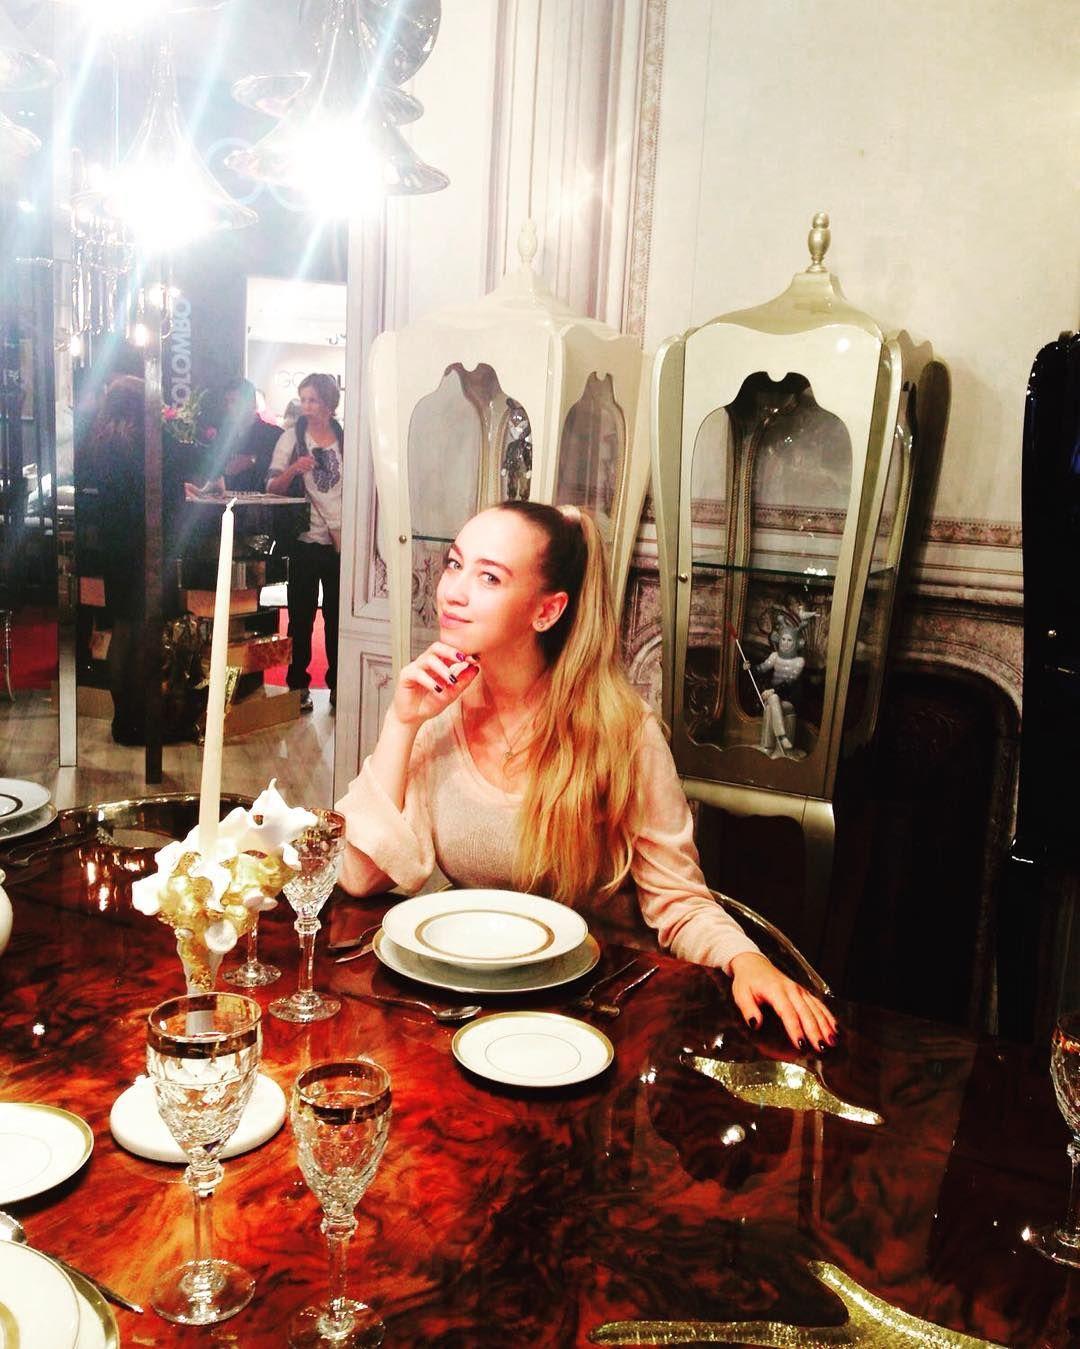 #milano #milan #salone #isaloni #designweek #salonedelmobile #salonedelmobile2016 #isaloni2016 #milandesignweek #design #interior #interiordesign by sofya_design